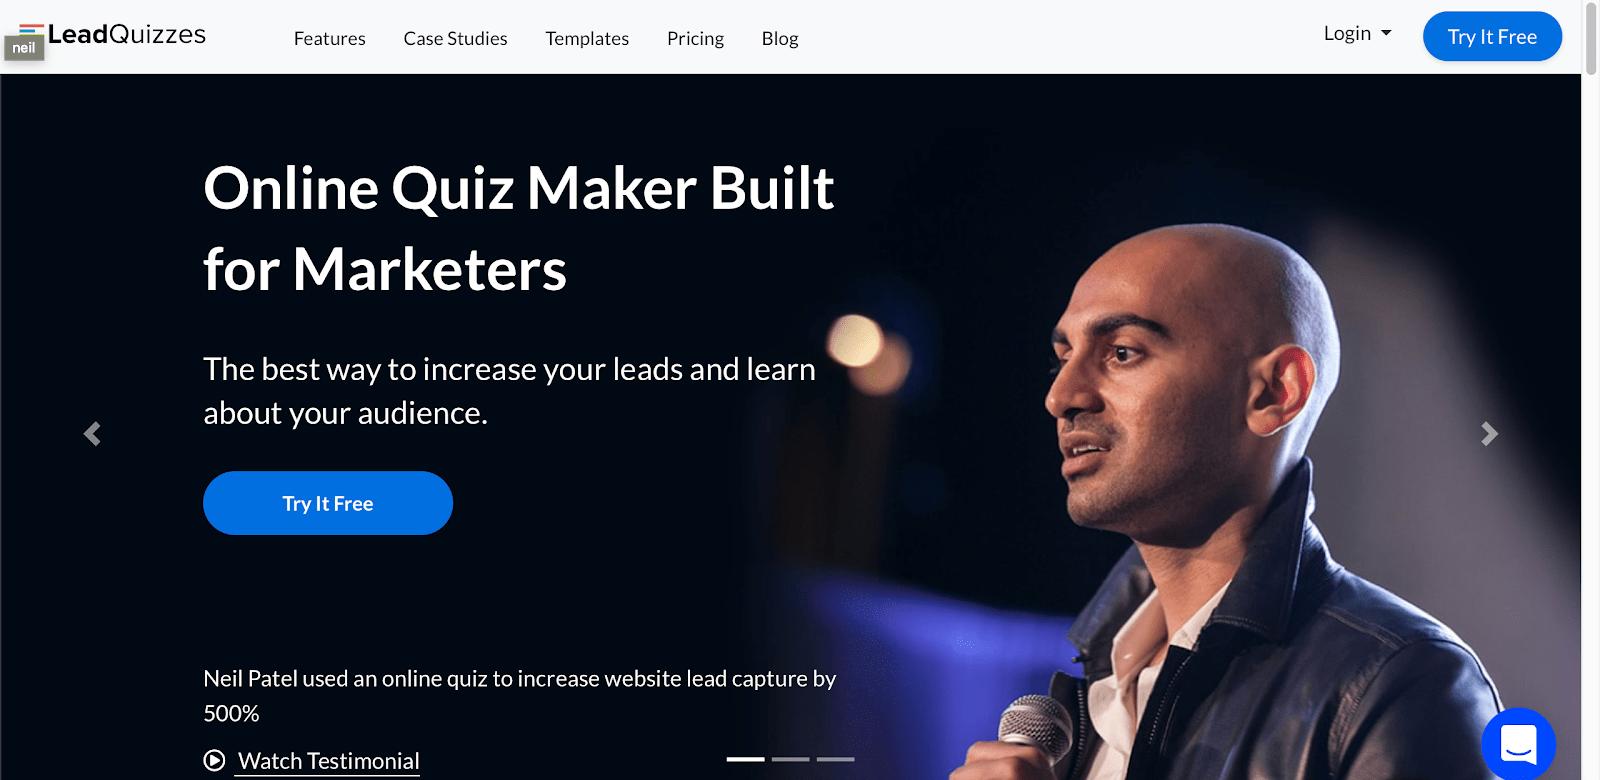 Сайт компании LeadQuizzes и профиль мужчины в черной куртке